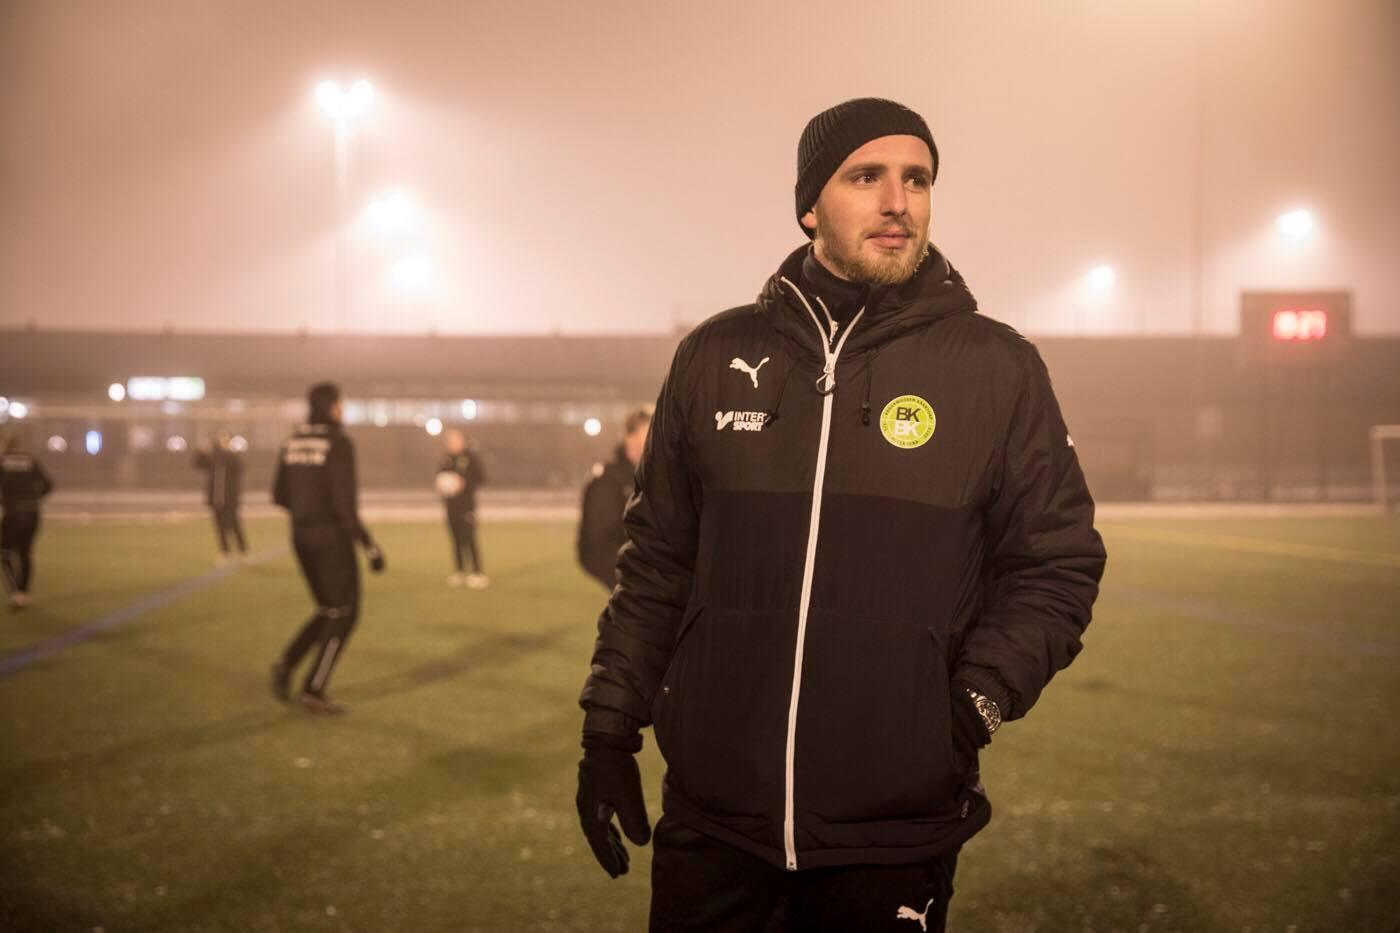 Viktor Catenacci Föreningskonsulent Sportidealisten Idrottsvetare Sport Management SportJobb IdrottsJobb Bagarmossen